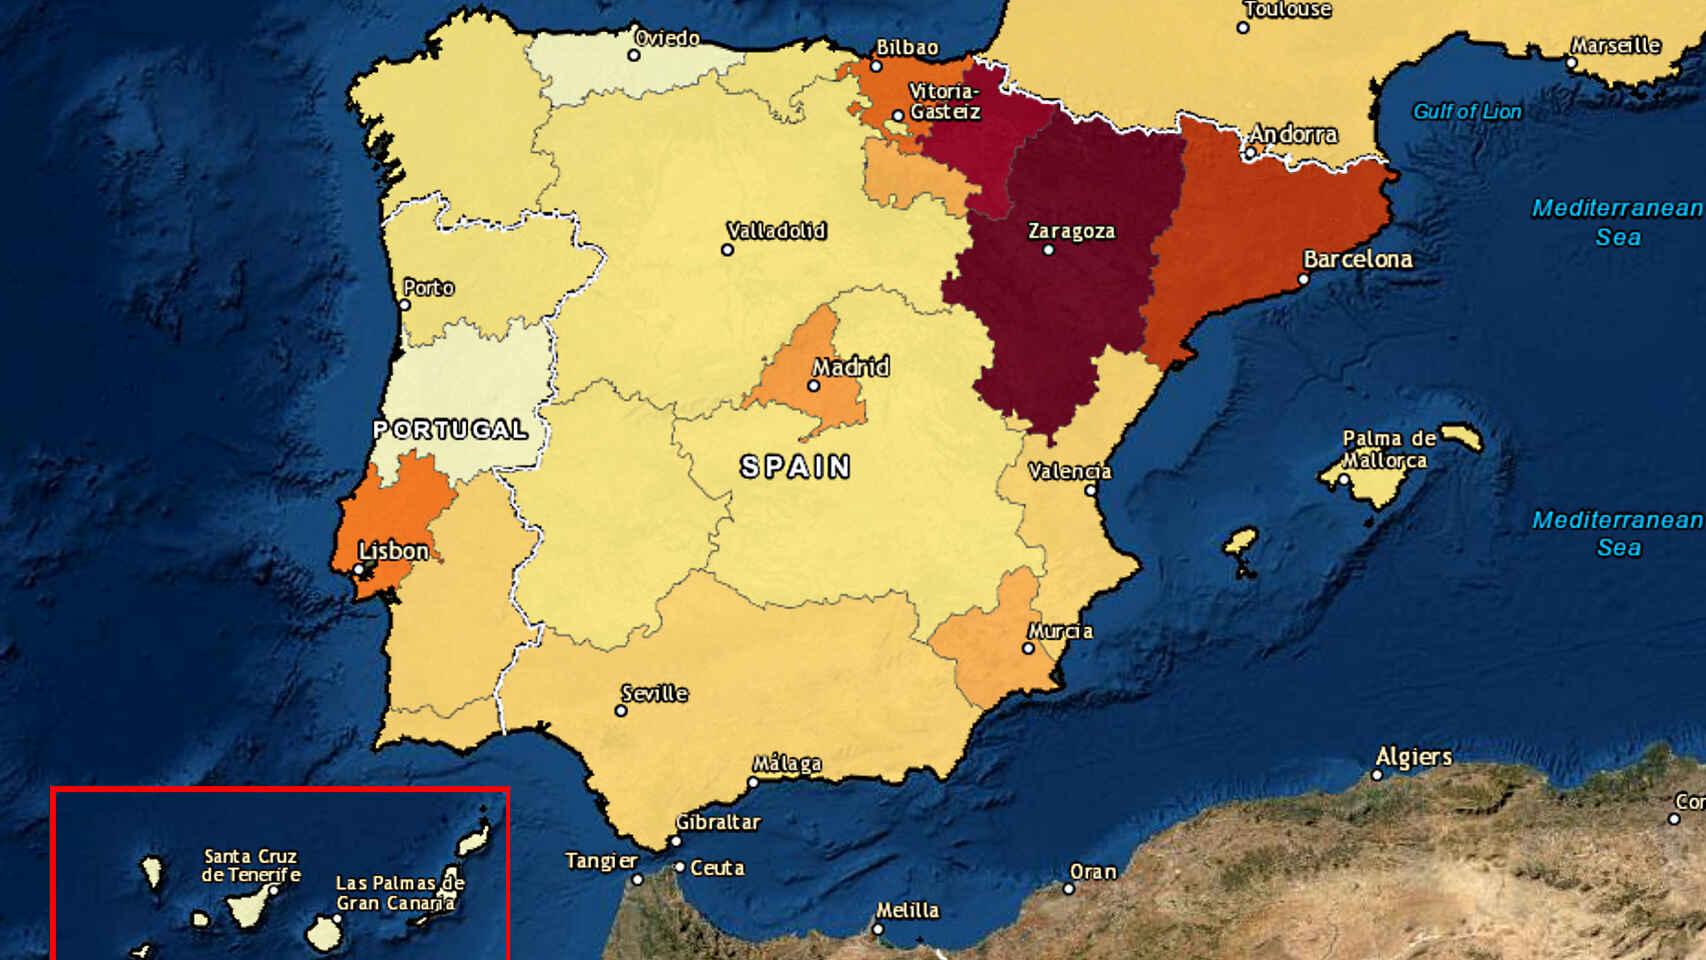 El triunfo de Asturias contra el Covid-19: asi ha evitado desastres como el de Aragon